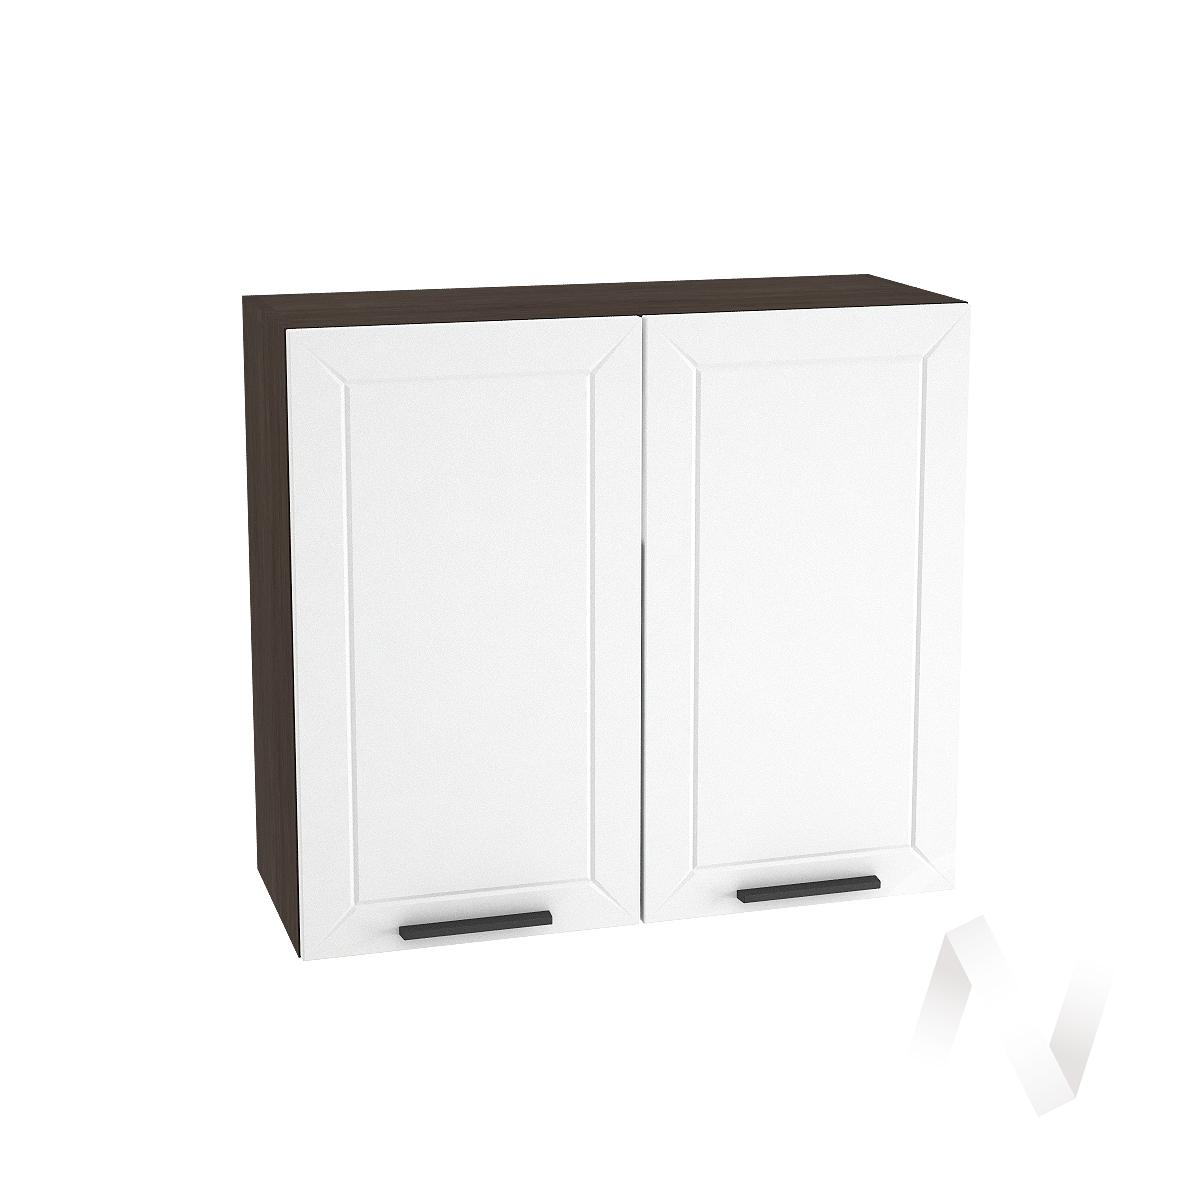 """Кухня """"Глетчер"""": Шкаф верхний 800, ШВ 800 (Айленд Силк/корпус венге)"""